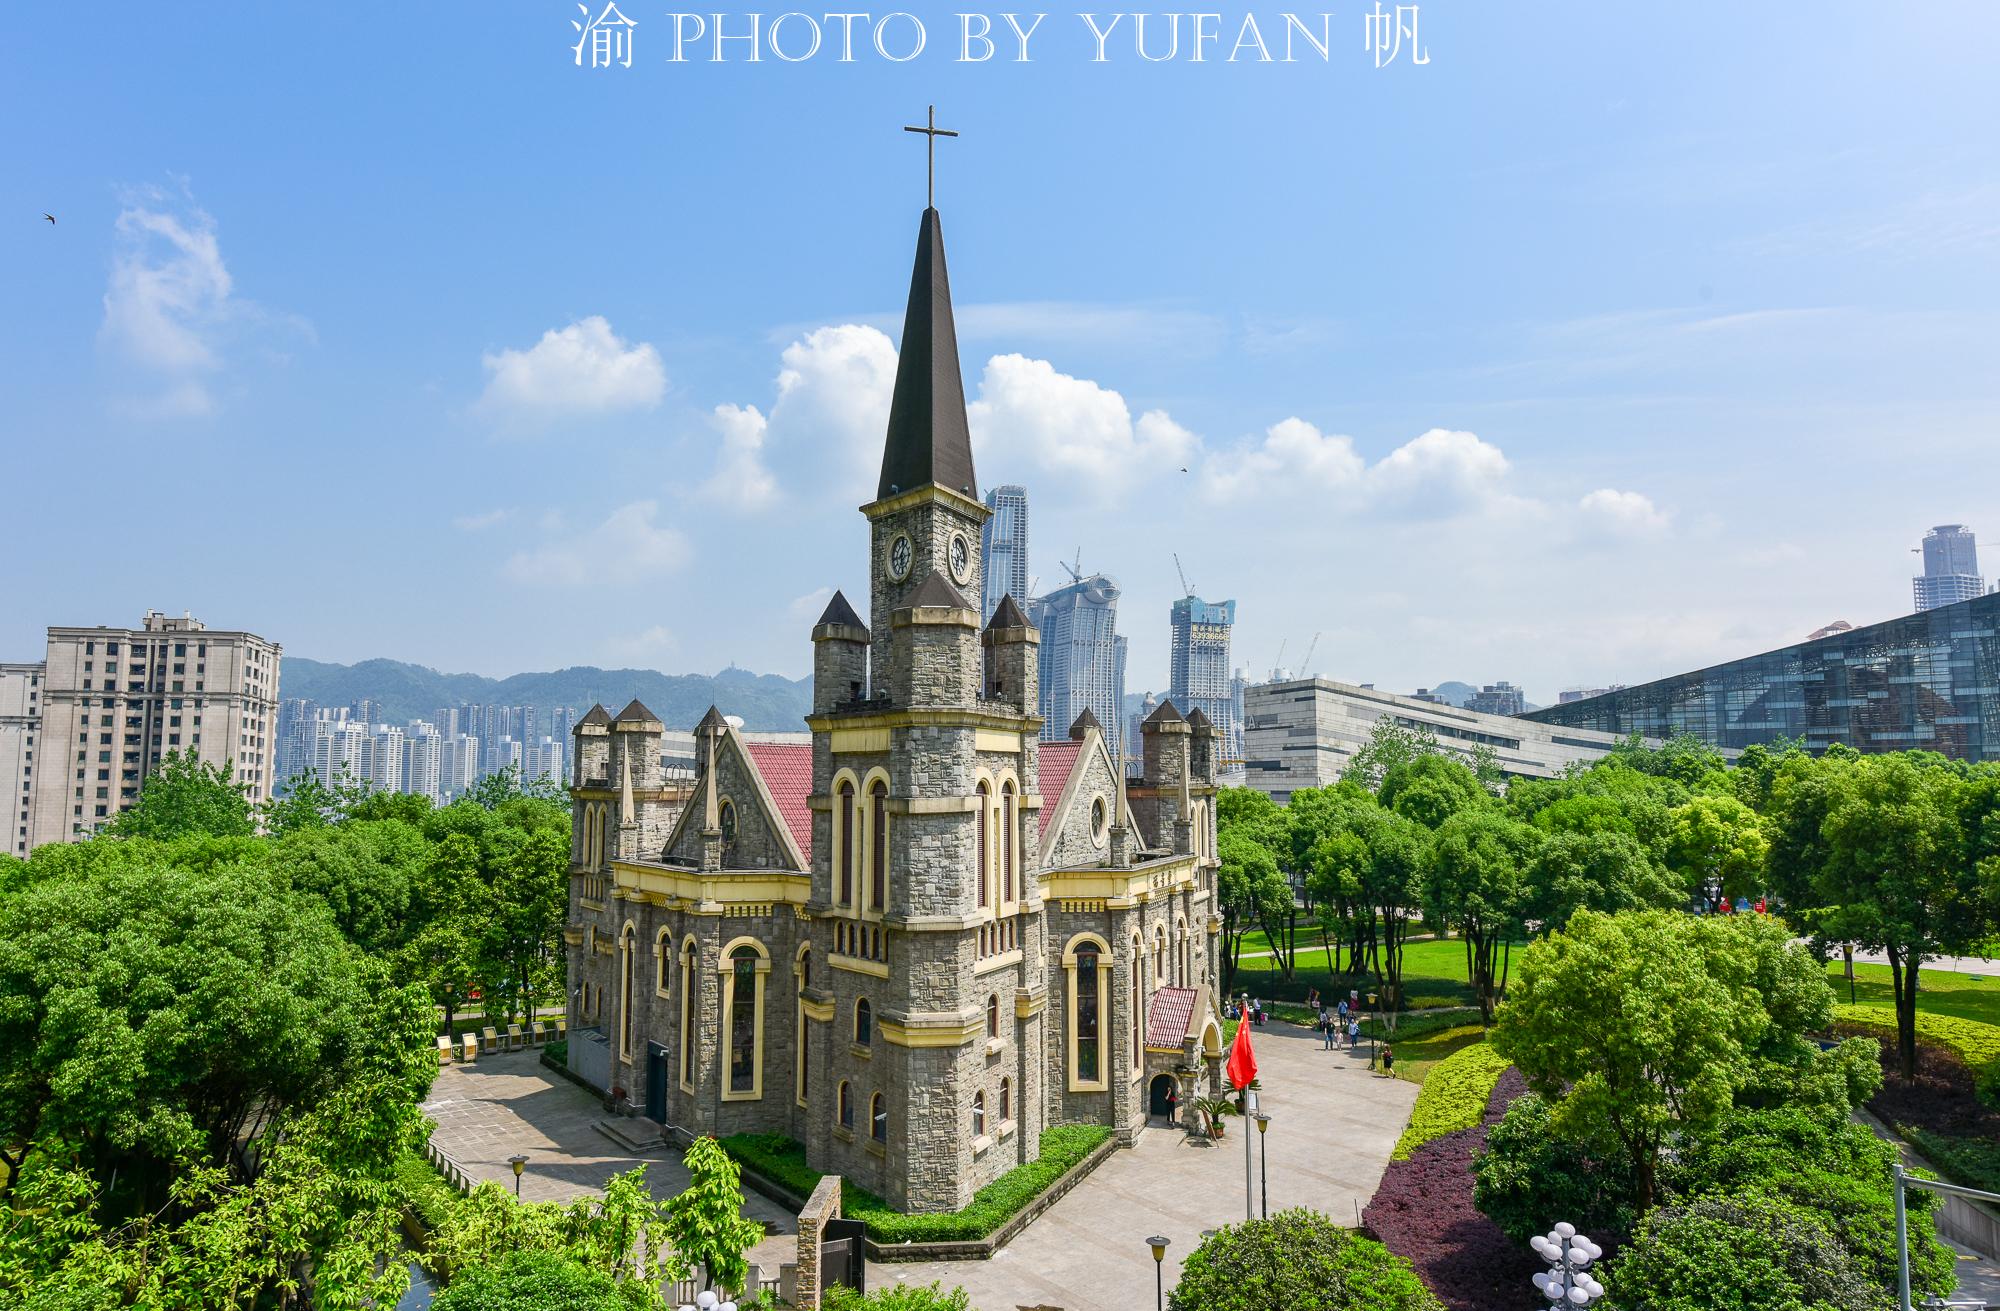 七夕火热推荐:重庆最适合约会的十个地方,每一个都比洪崖洞浪漫